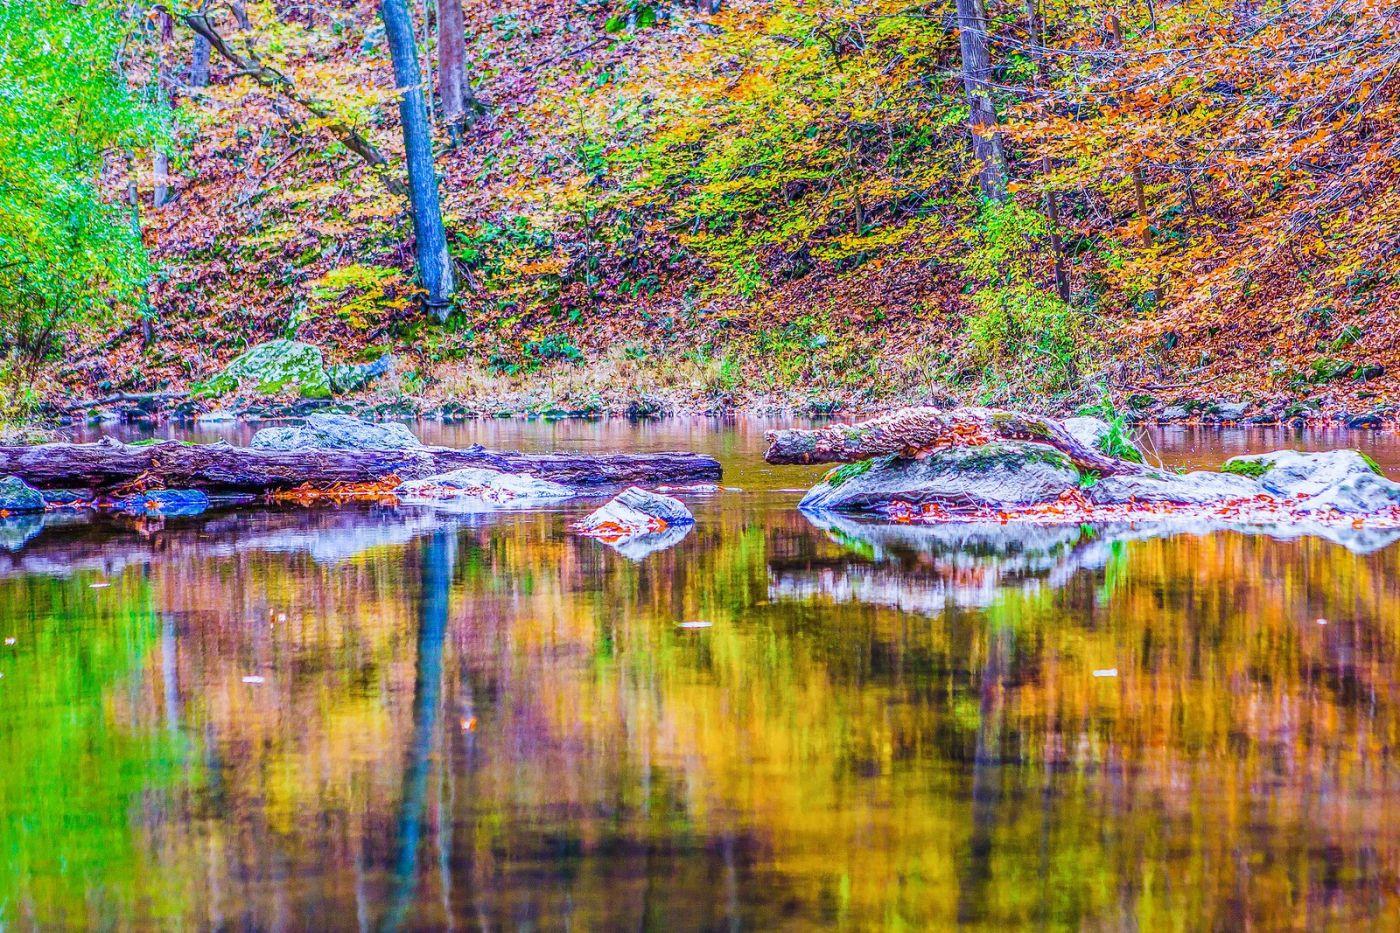 宾州雷德利克里克公园(Ridley creek park),如梦的画面_图1-5